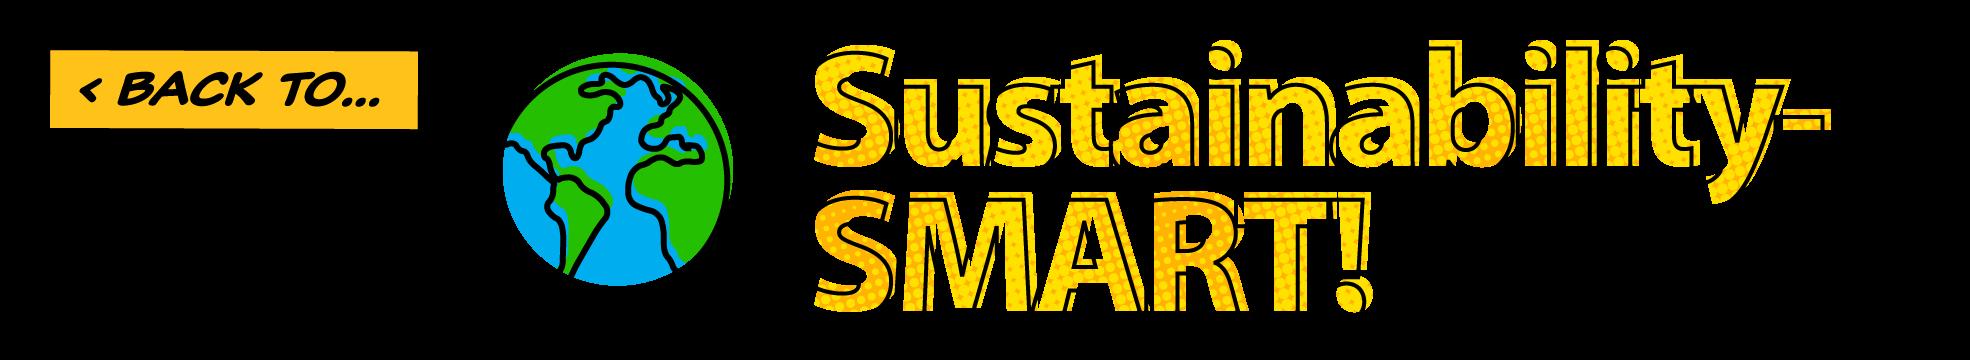 Back to… Sustainability-SMART!